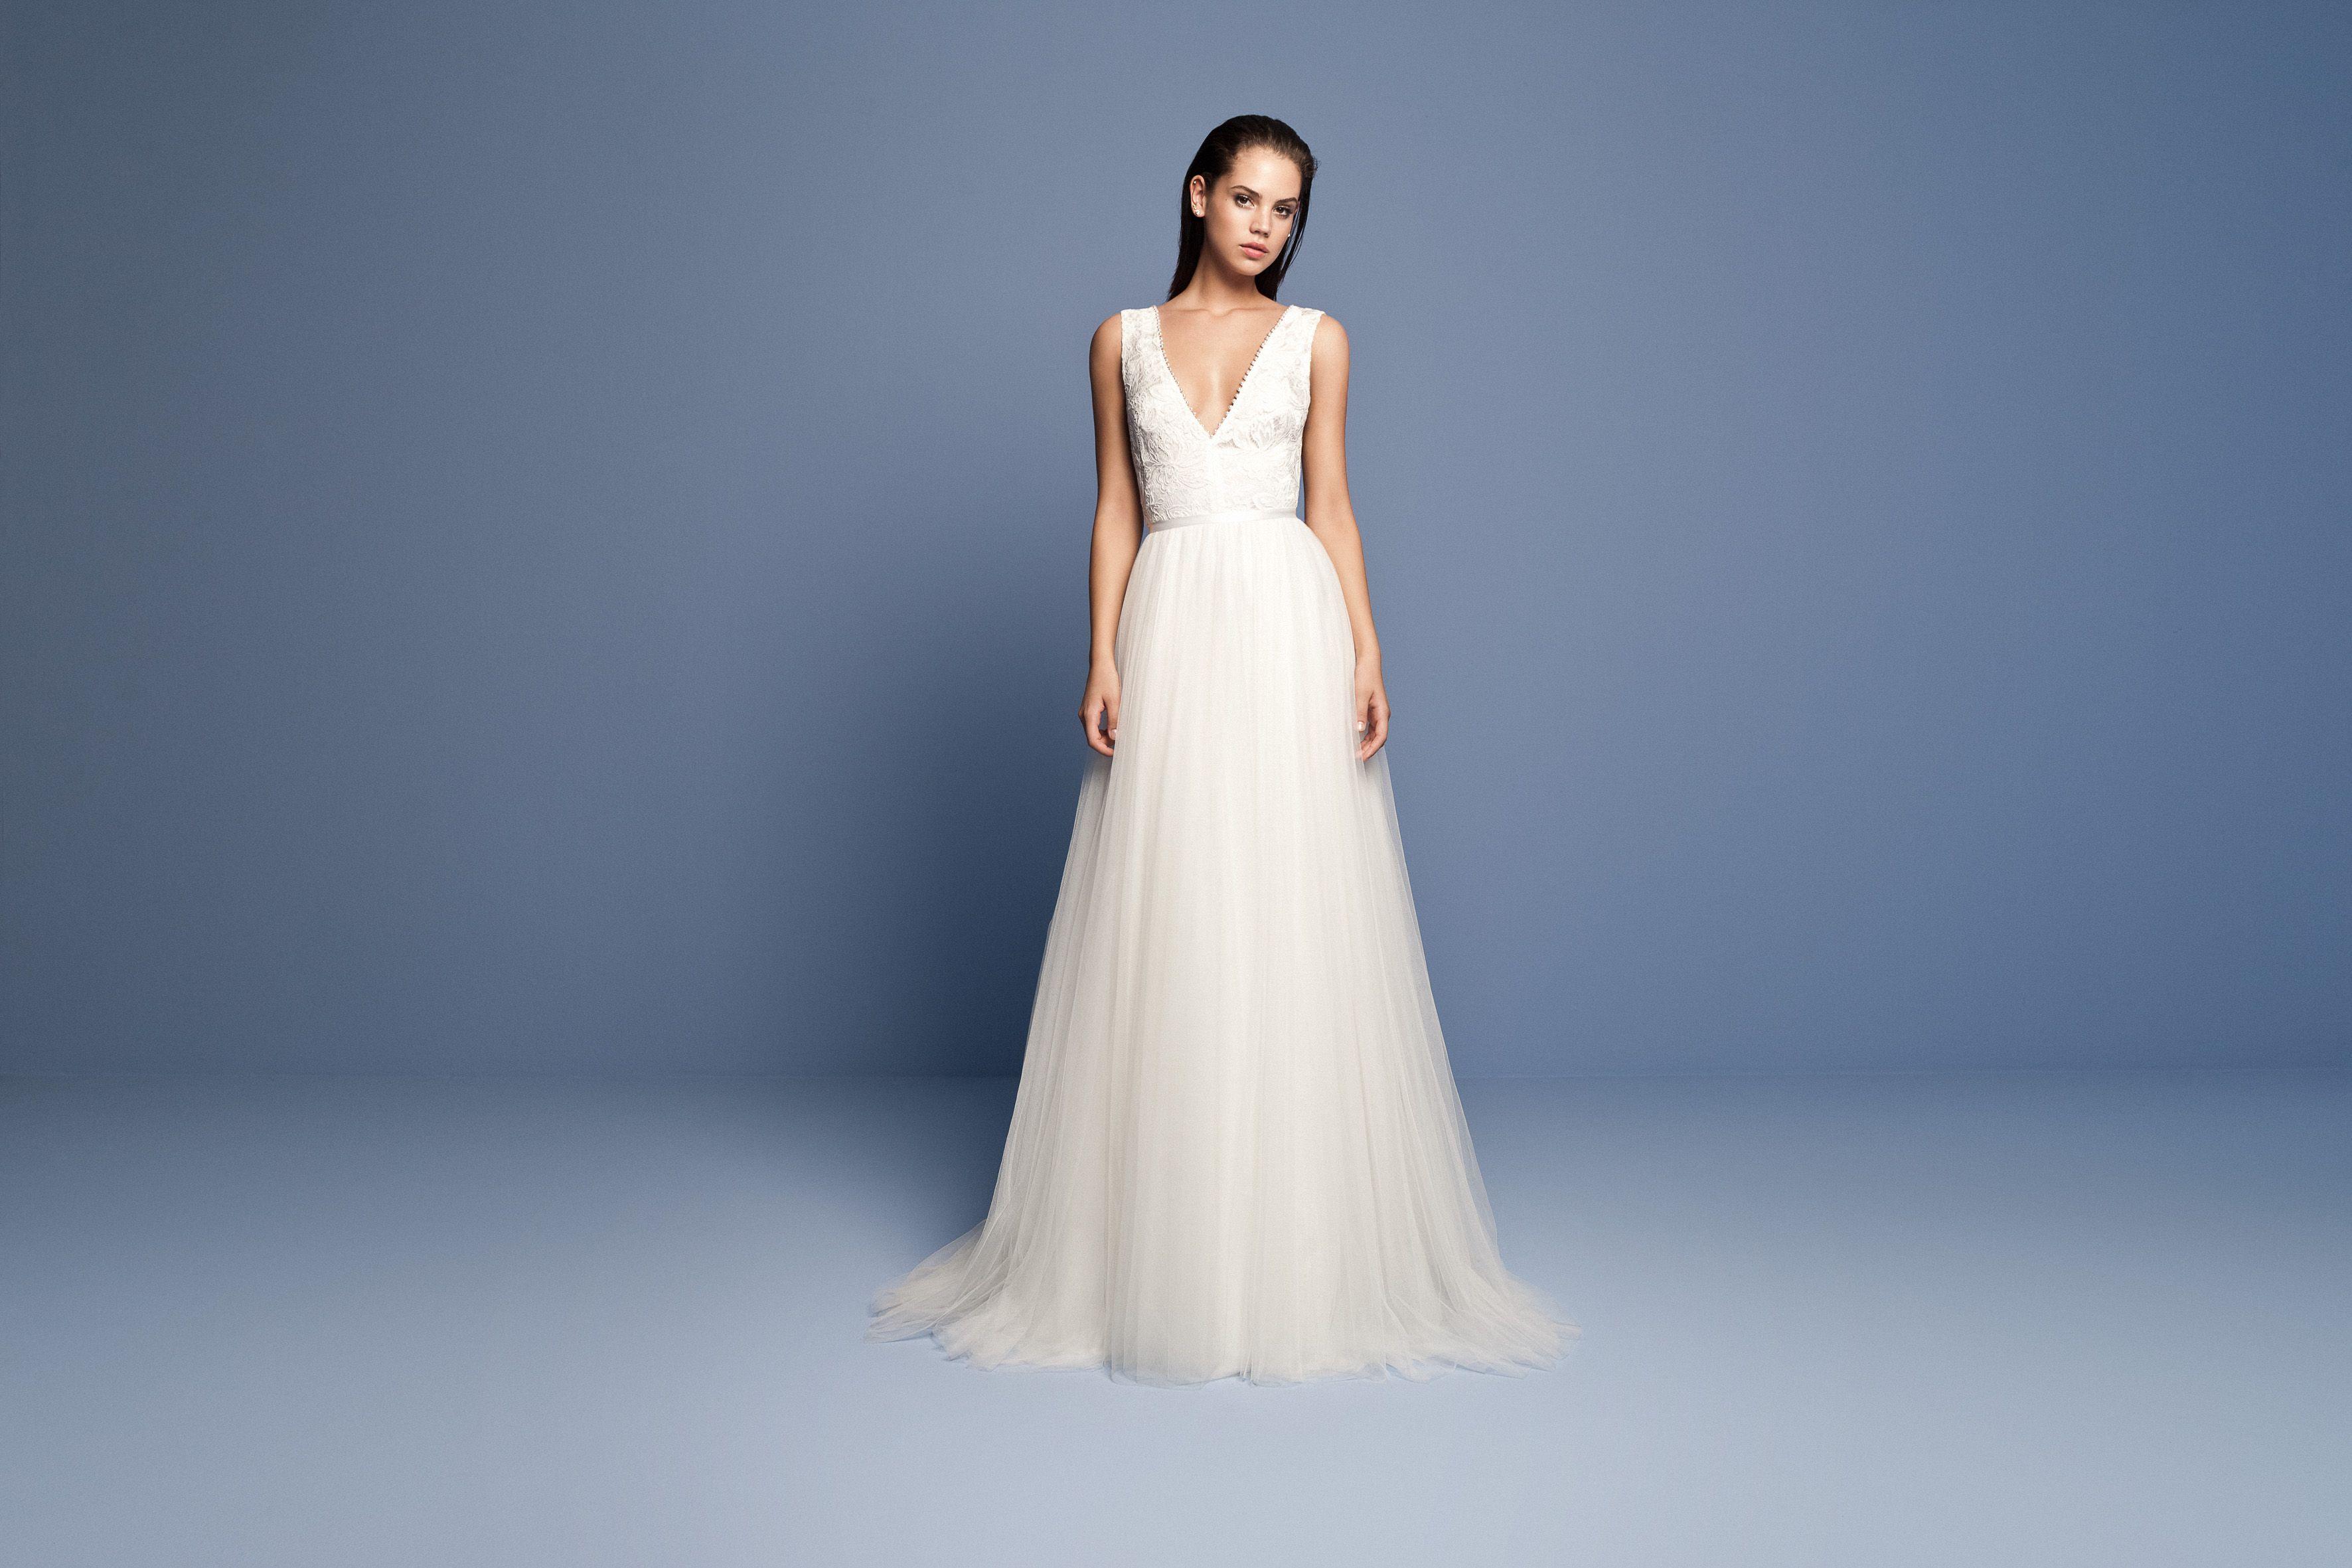 Großartig Kubanischer Brautkleider Fotos - Brautkleider Ideen ...